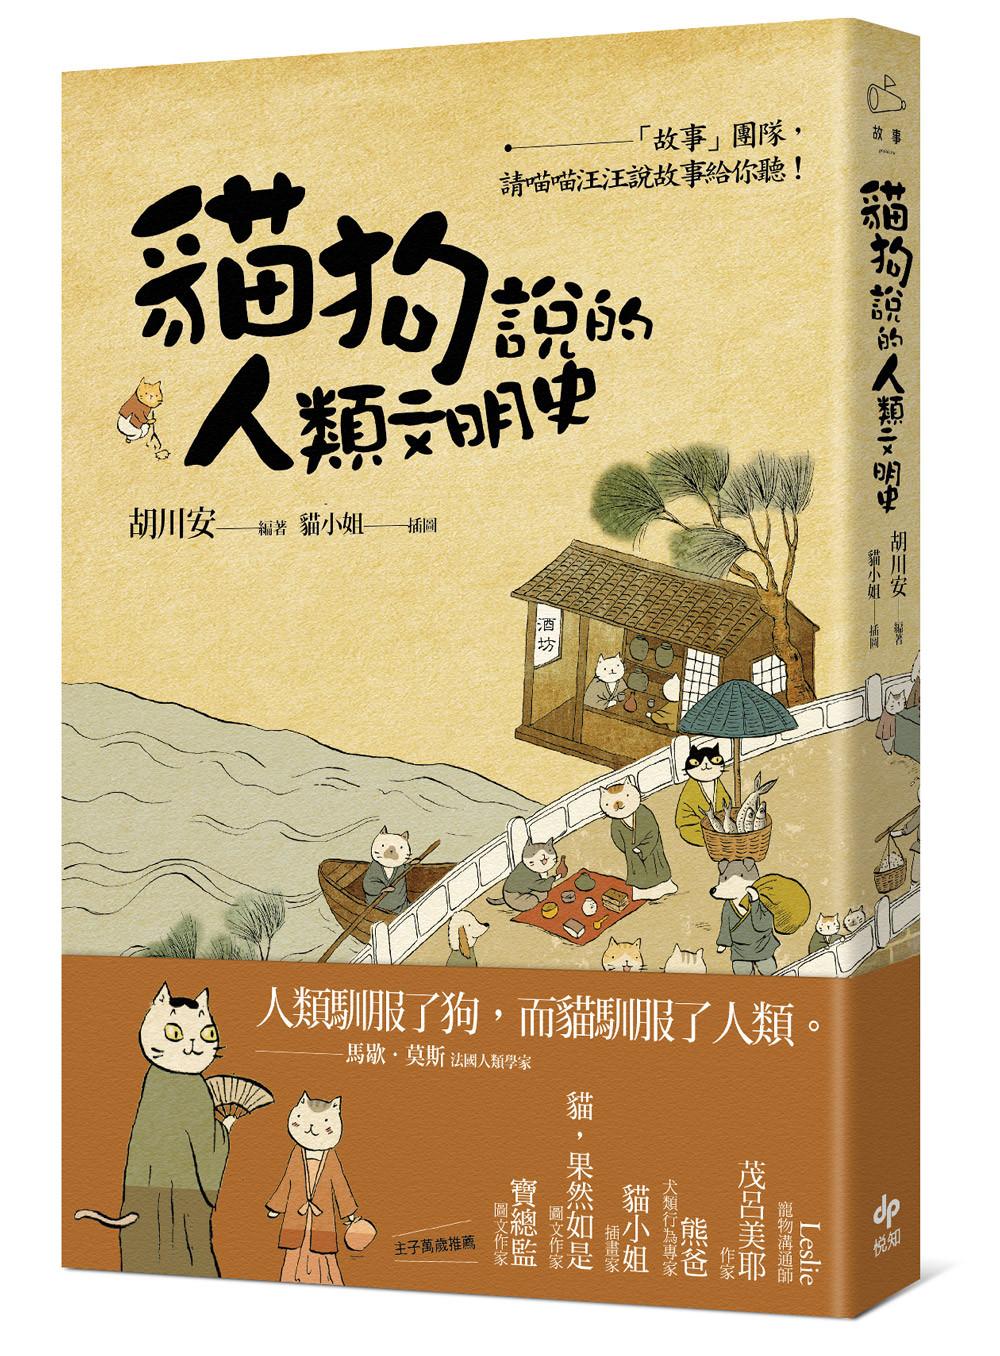 《貓狗說的人類文明史》(圖/悅知文化提供)